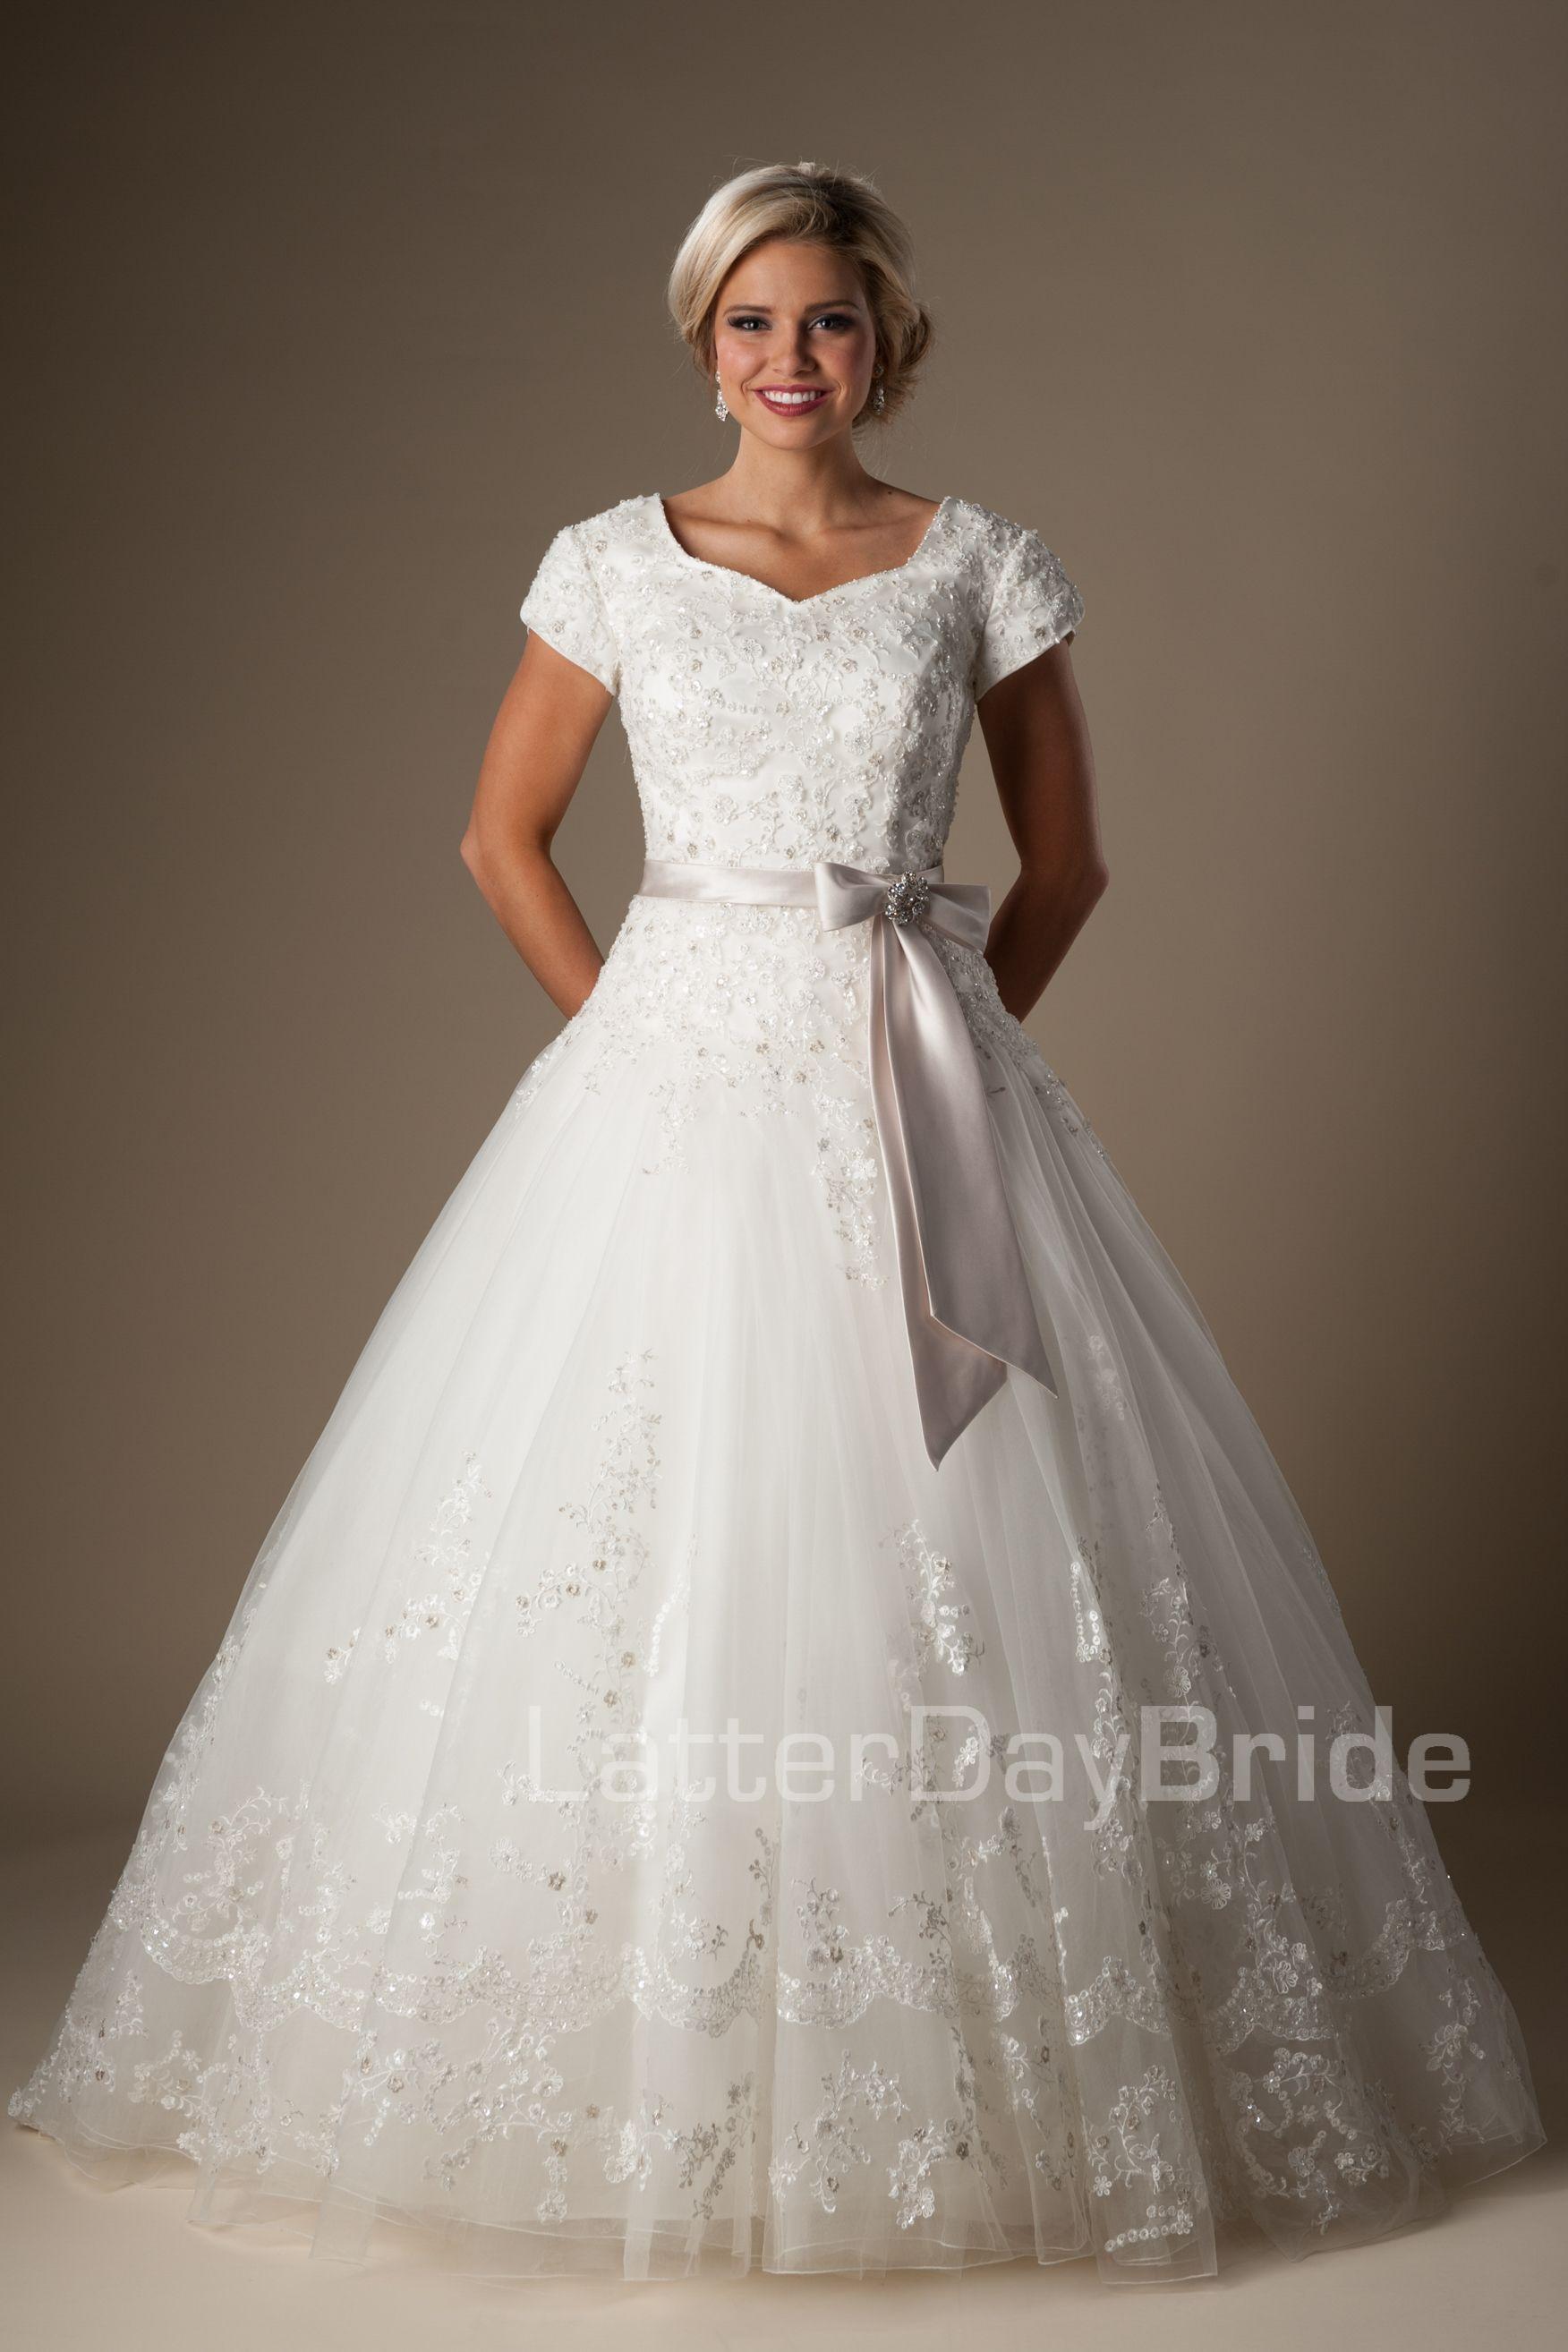 Modest Wedding Dresses Rodolfo: Bling Wedding Dresses Lds Modest At Reisefeber.org